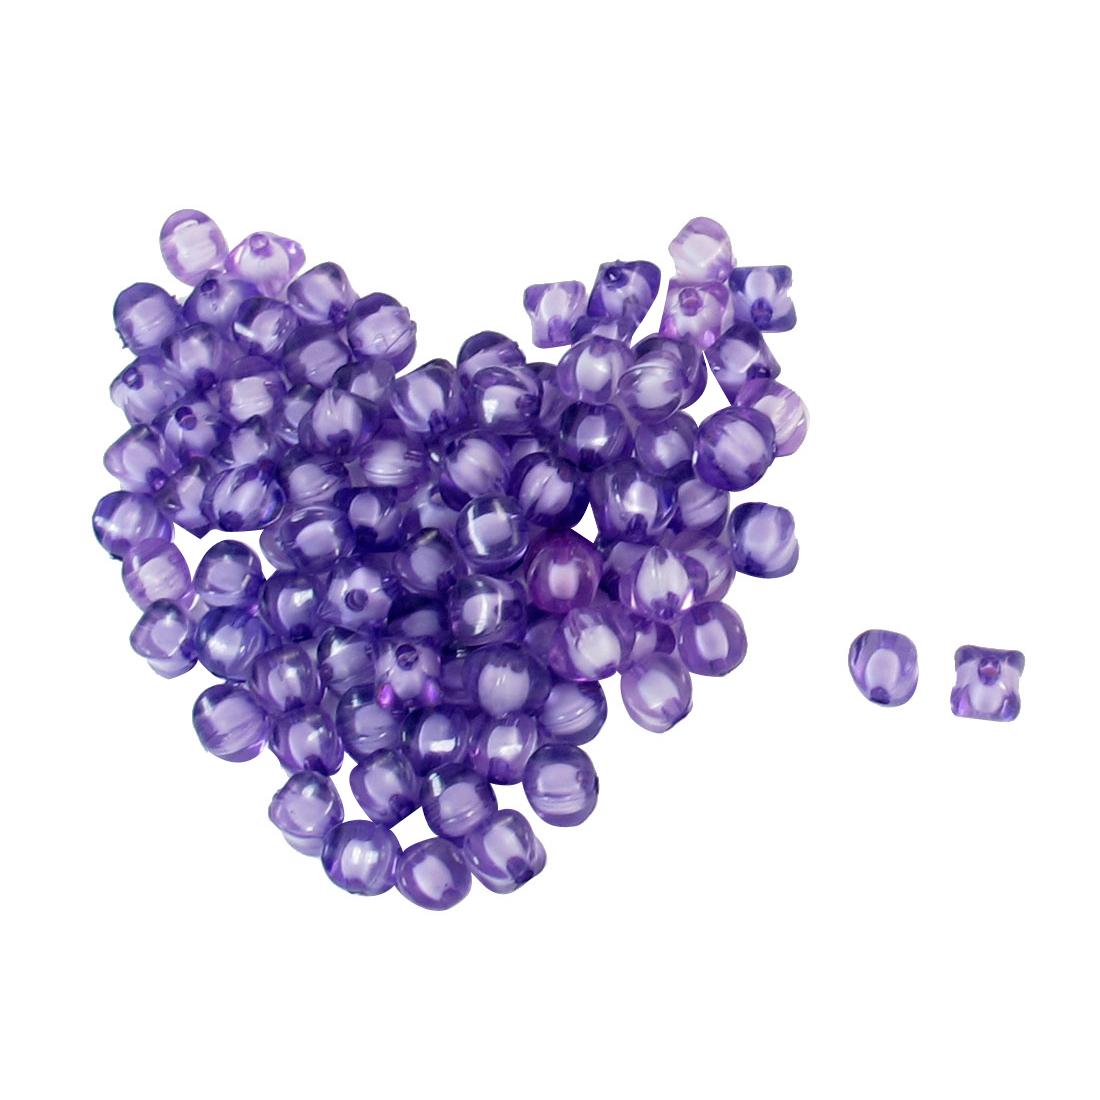 95 Pcs Bracelets Necklace Purple Plastic Square Shaped Beads Accent w Hole